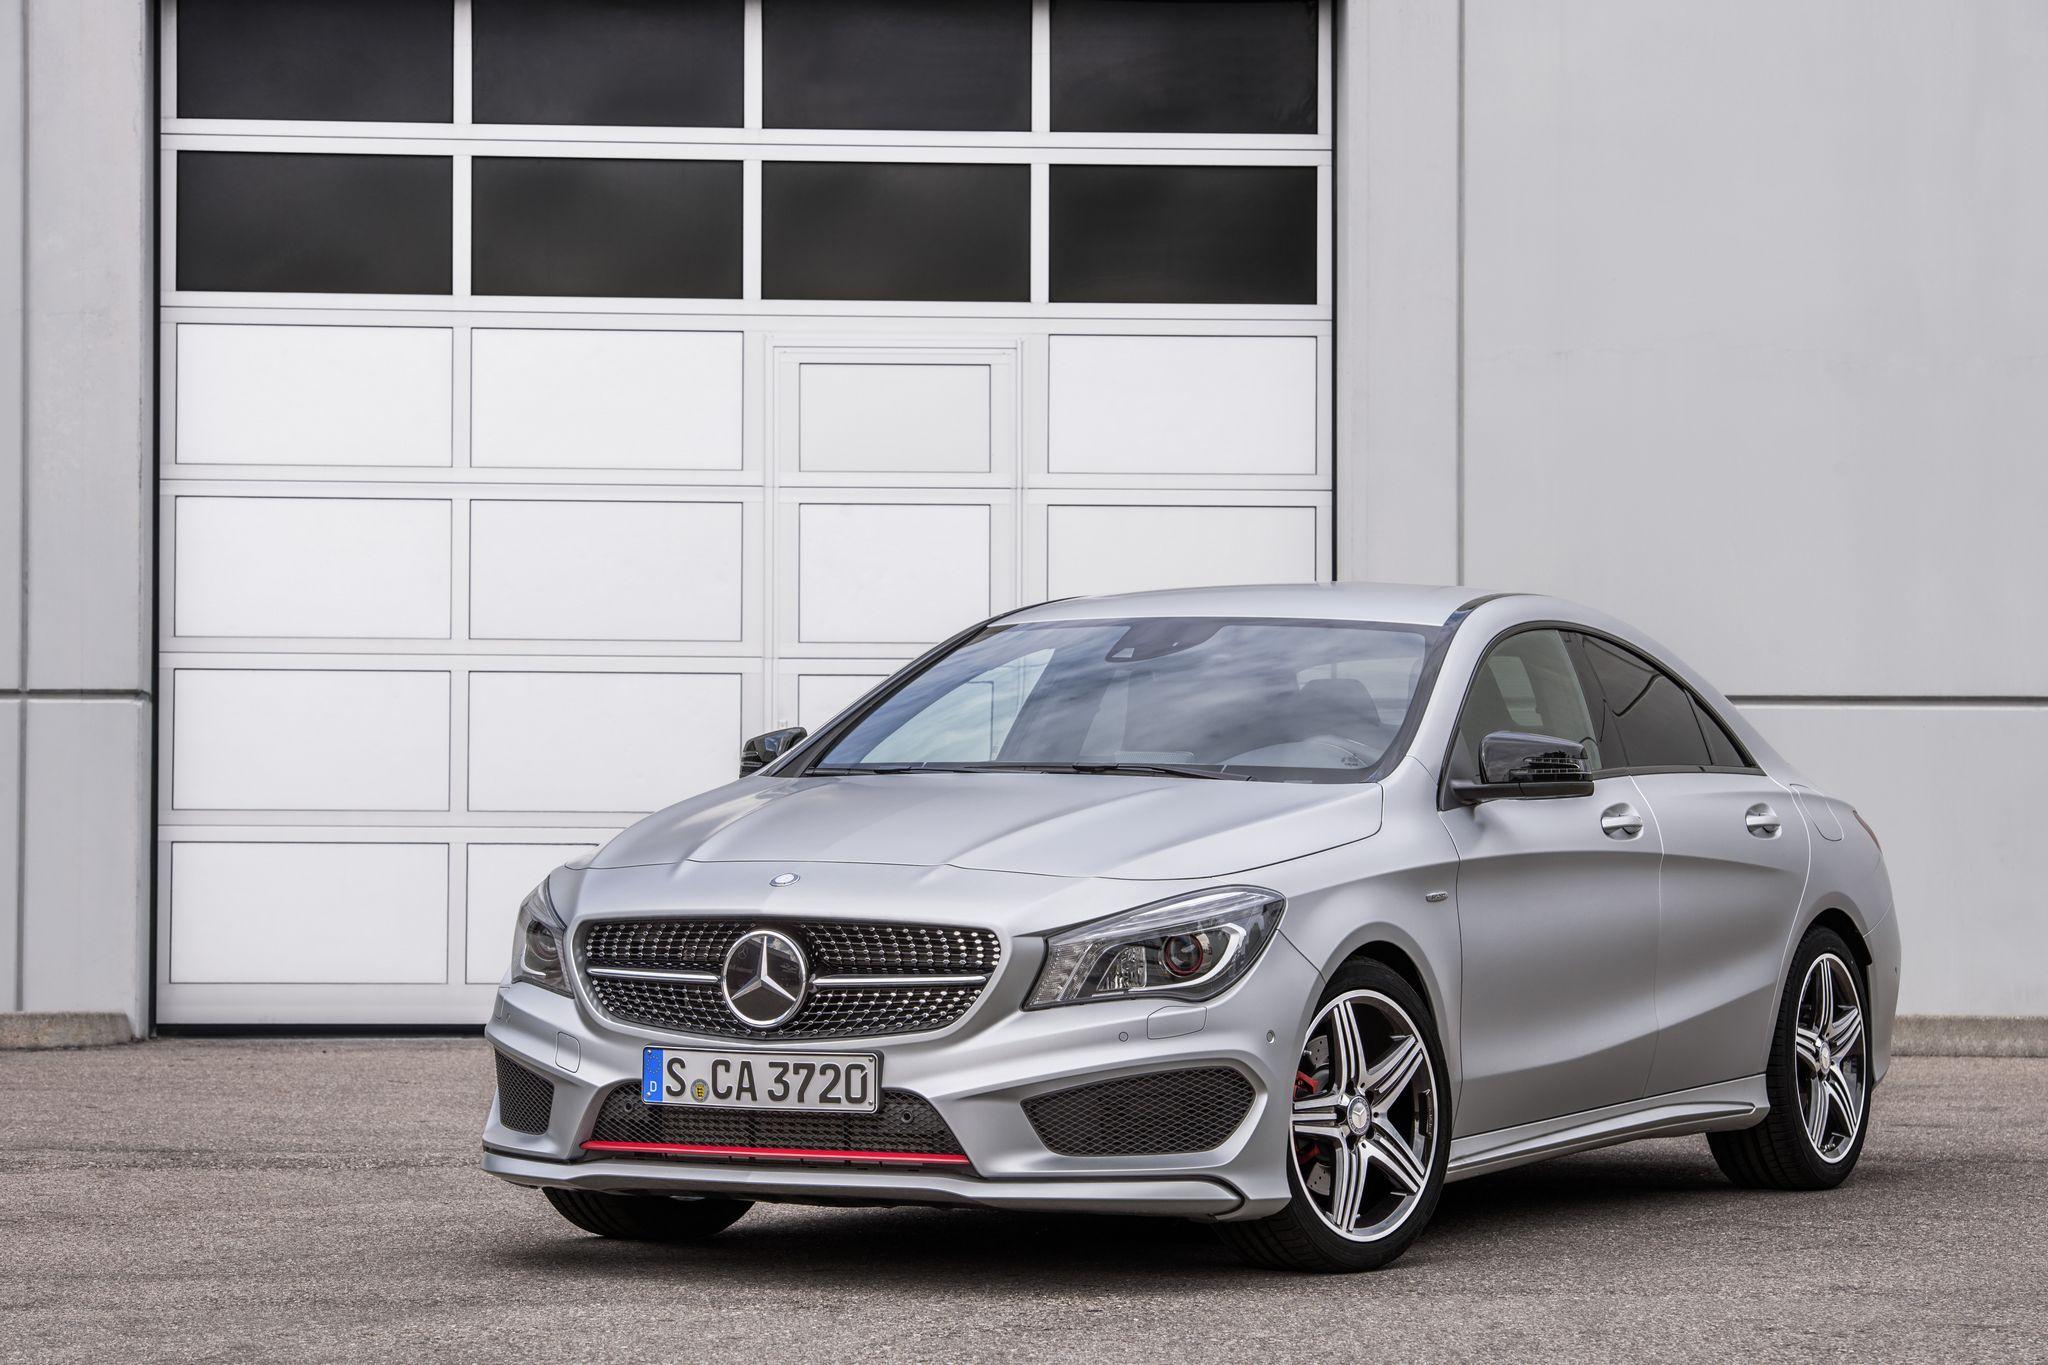 22061 скачать обои Транспорт, Машины, Мерседес (Mercedes) - заставки и картинки бесплатно